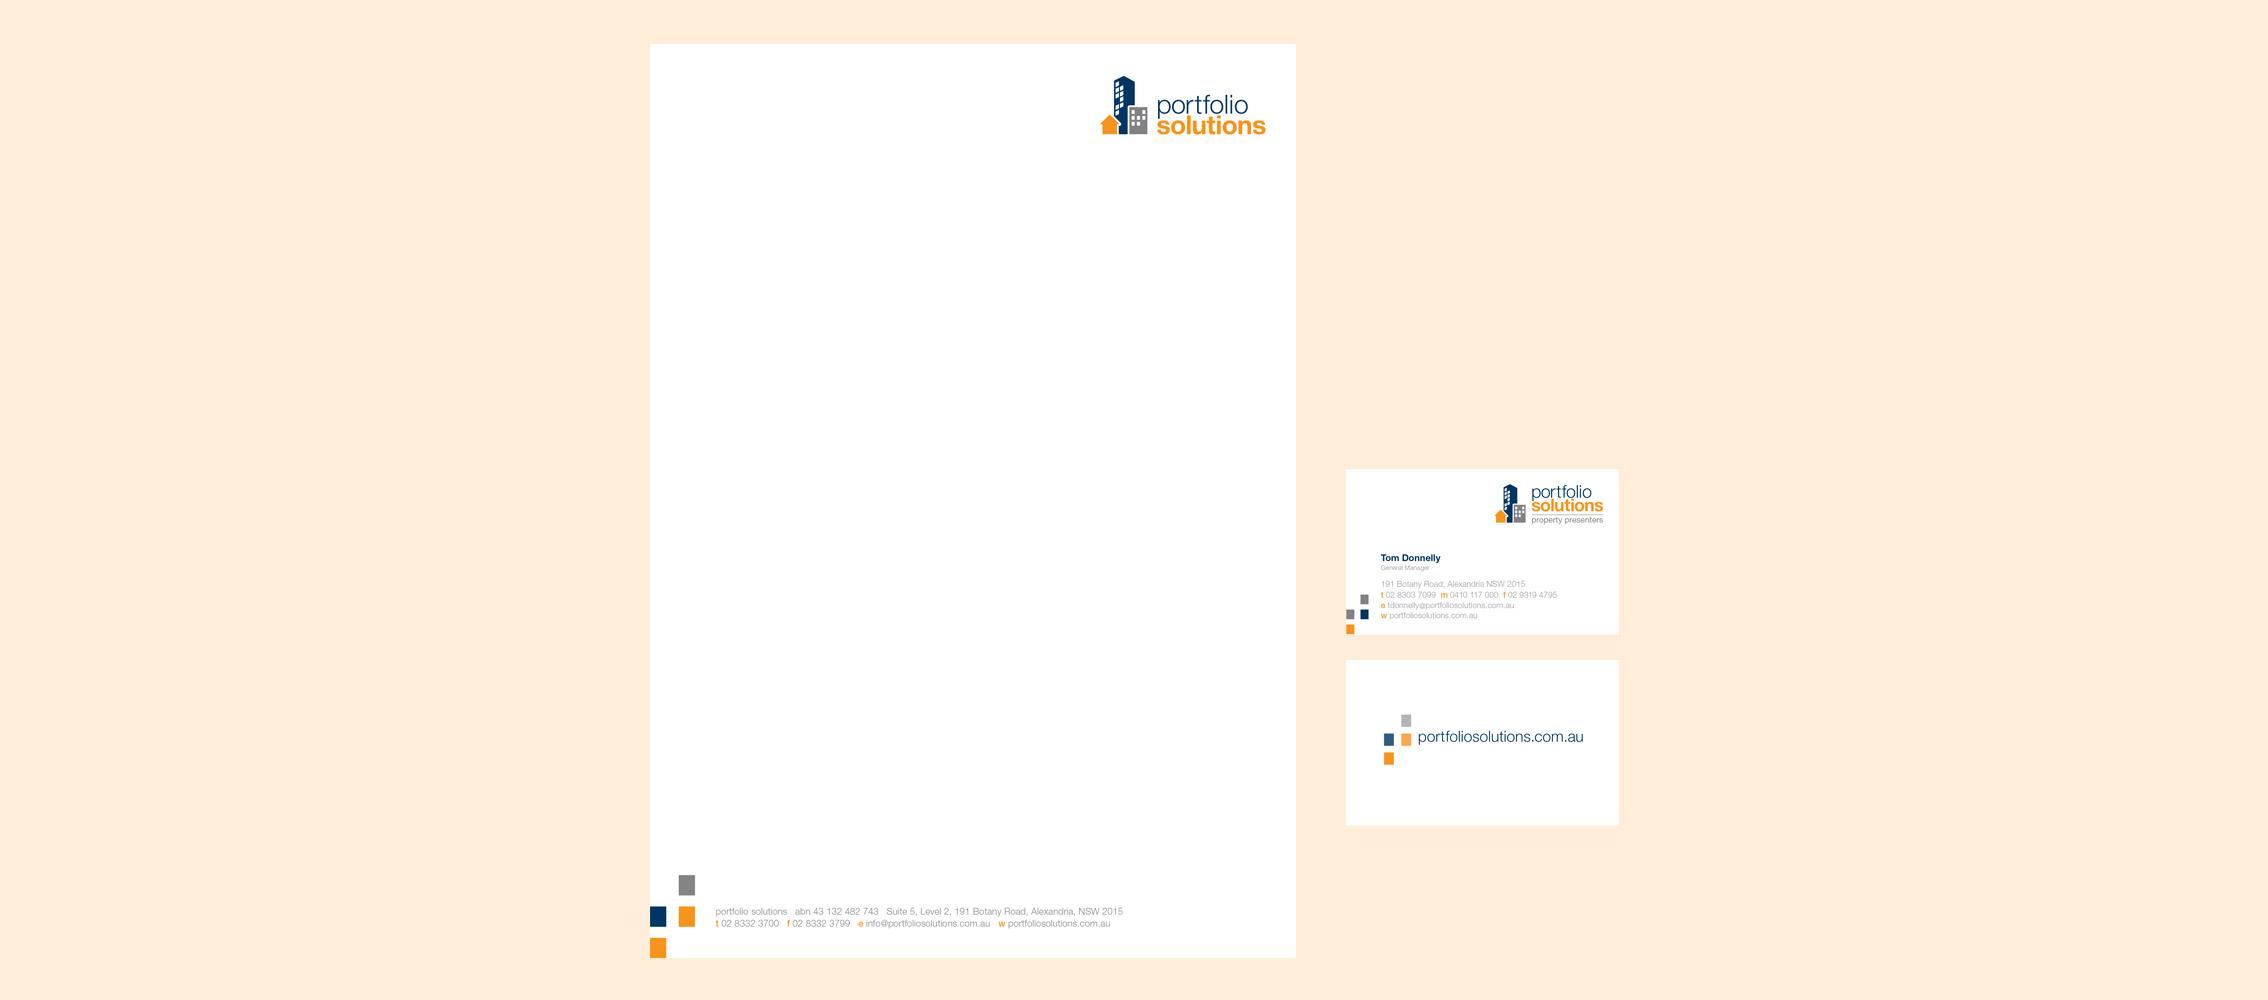 Portfolio Solutions Stationary Design